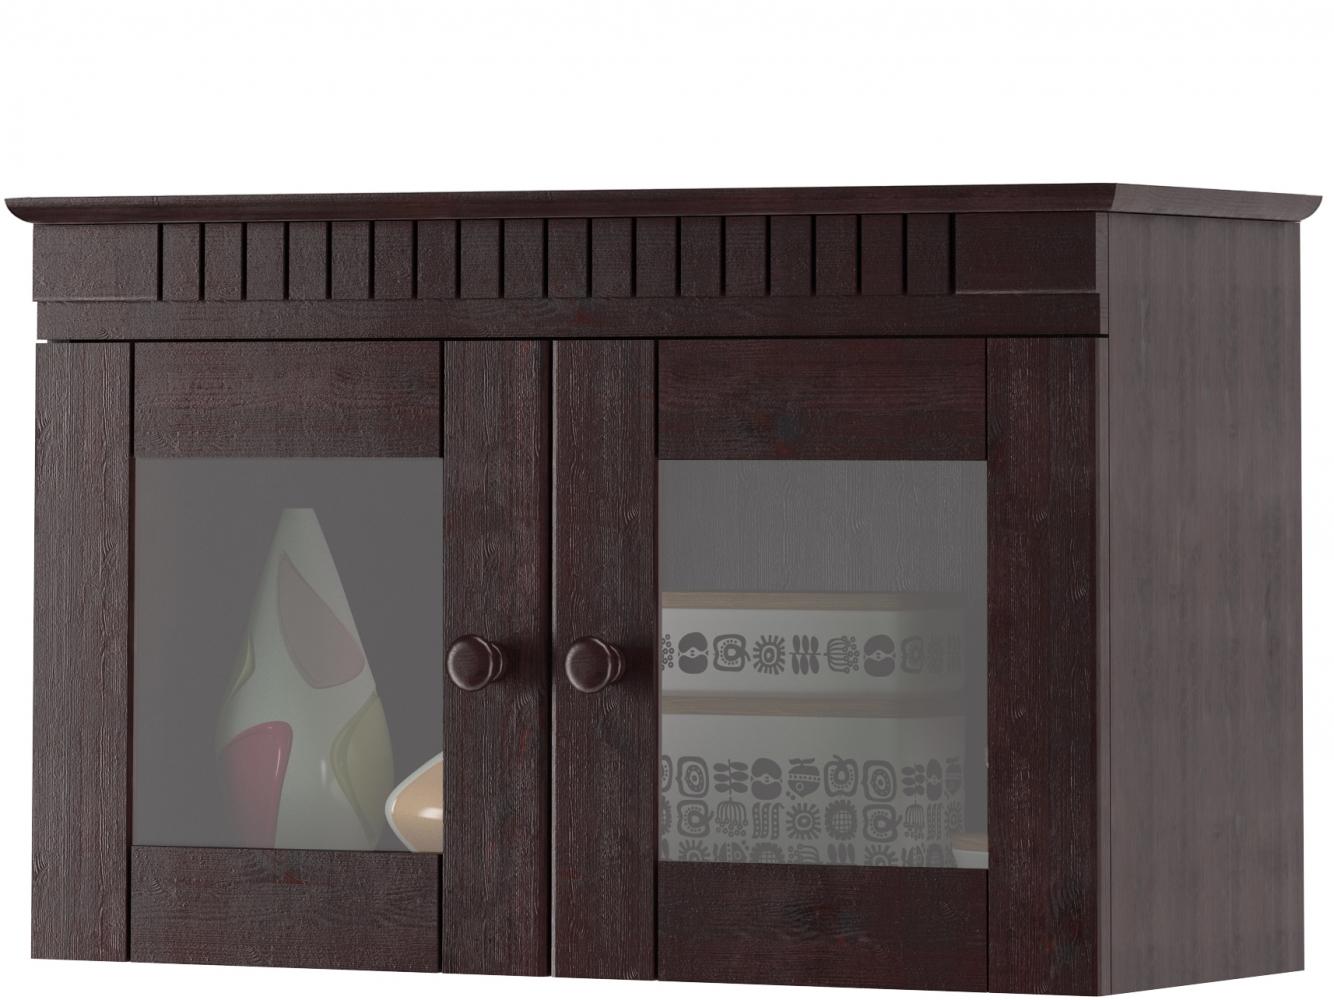 Skříňka Brix, 70 cm, tmavě hnědá / sklo